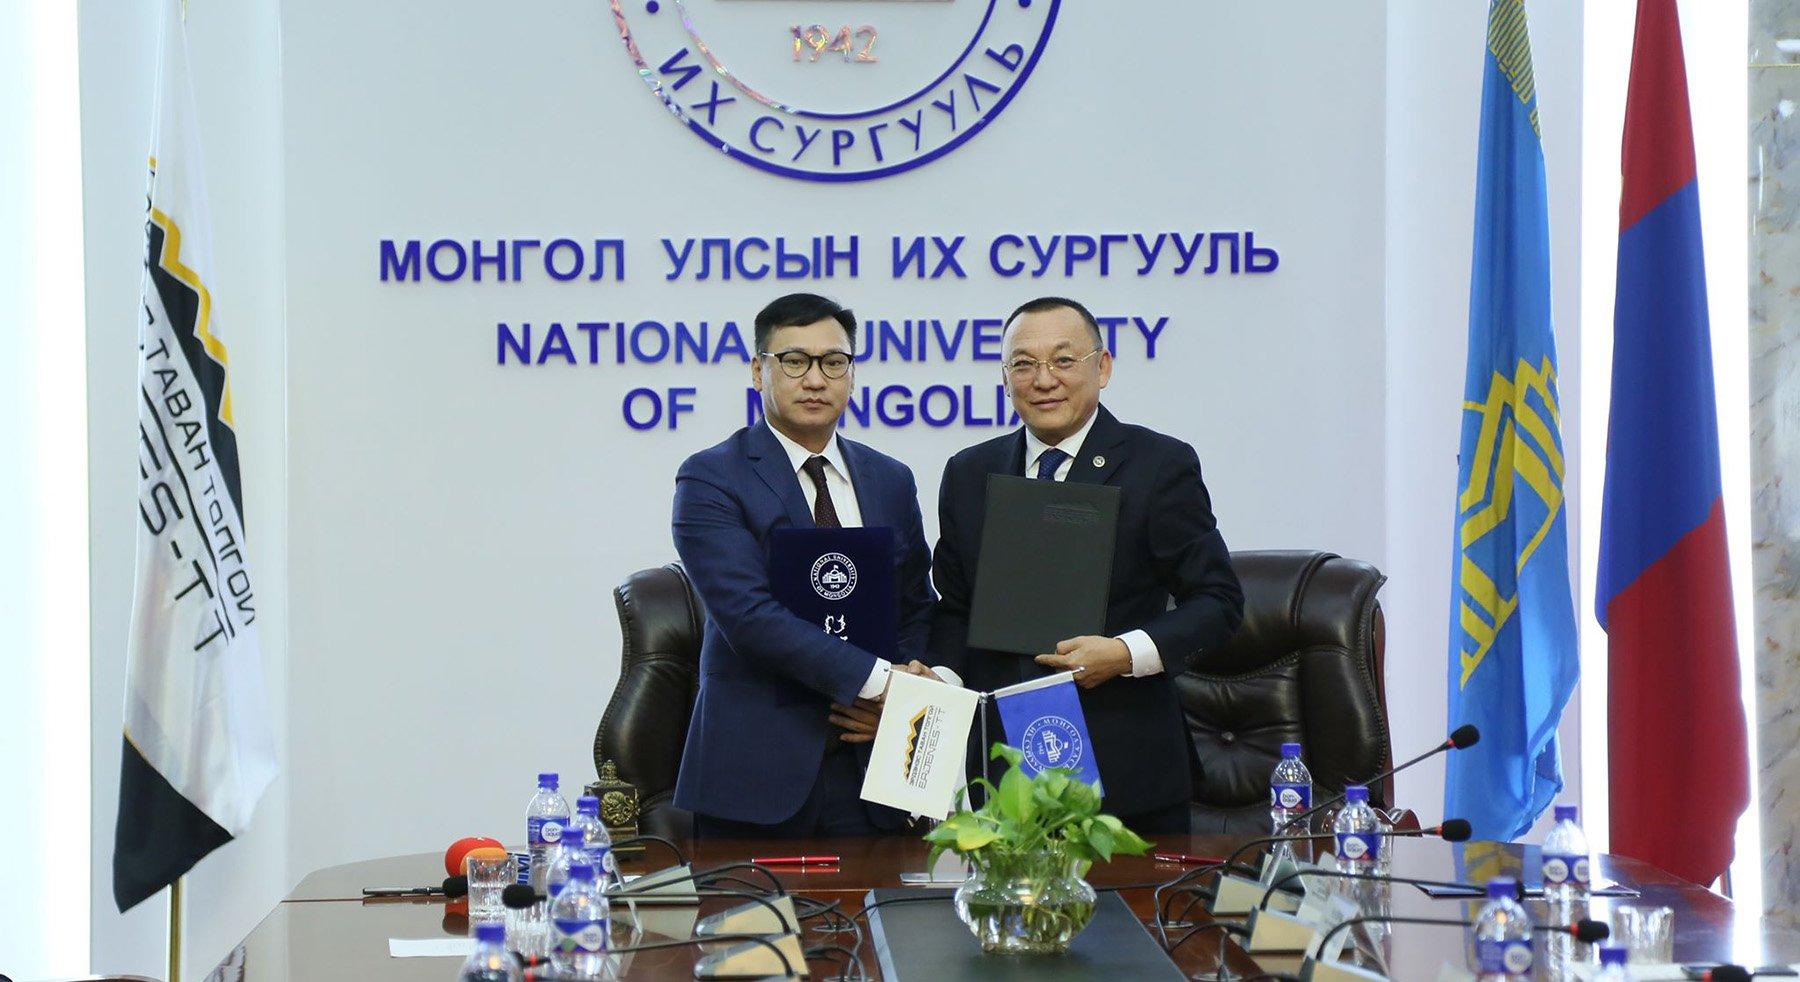 """""""Эрдэнэс-Тавантолгой"""" ХК-иас Монгол Улсын их сургуультай хамтран ажиллах санамж бичэг байгууллаа"""